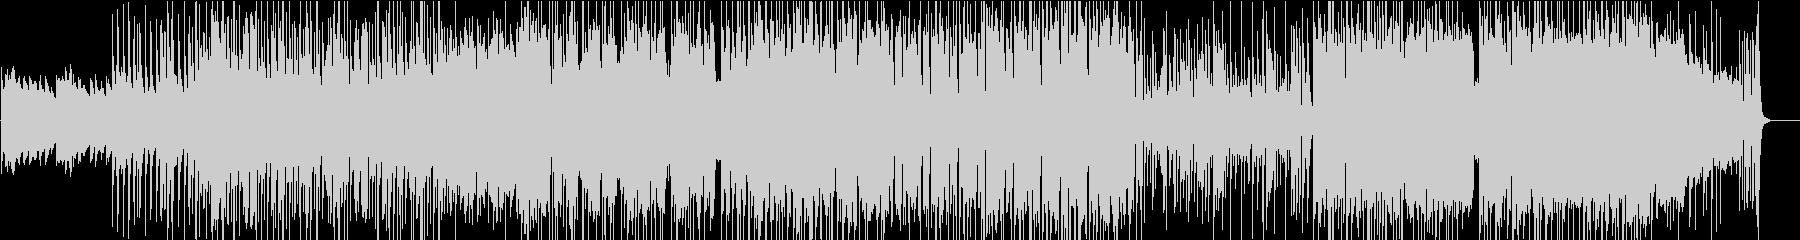 変拍子・ポリリズムを使ったエレクトロの未再生の波形